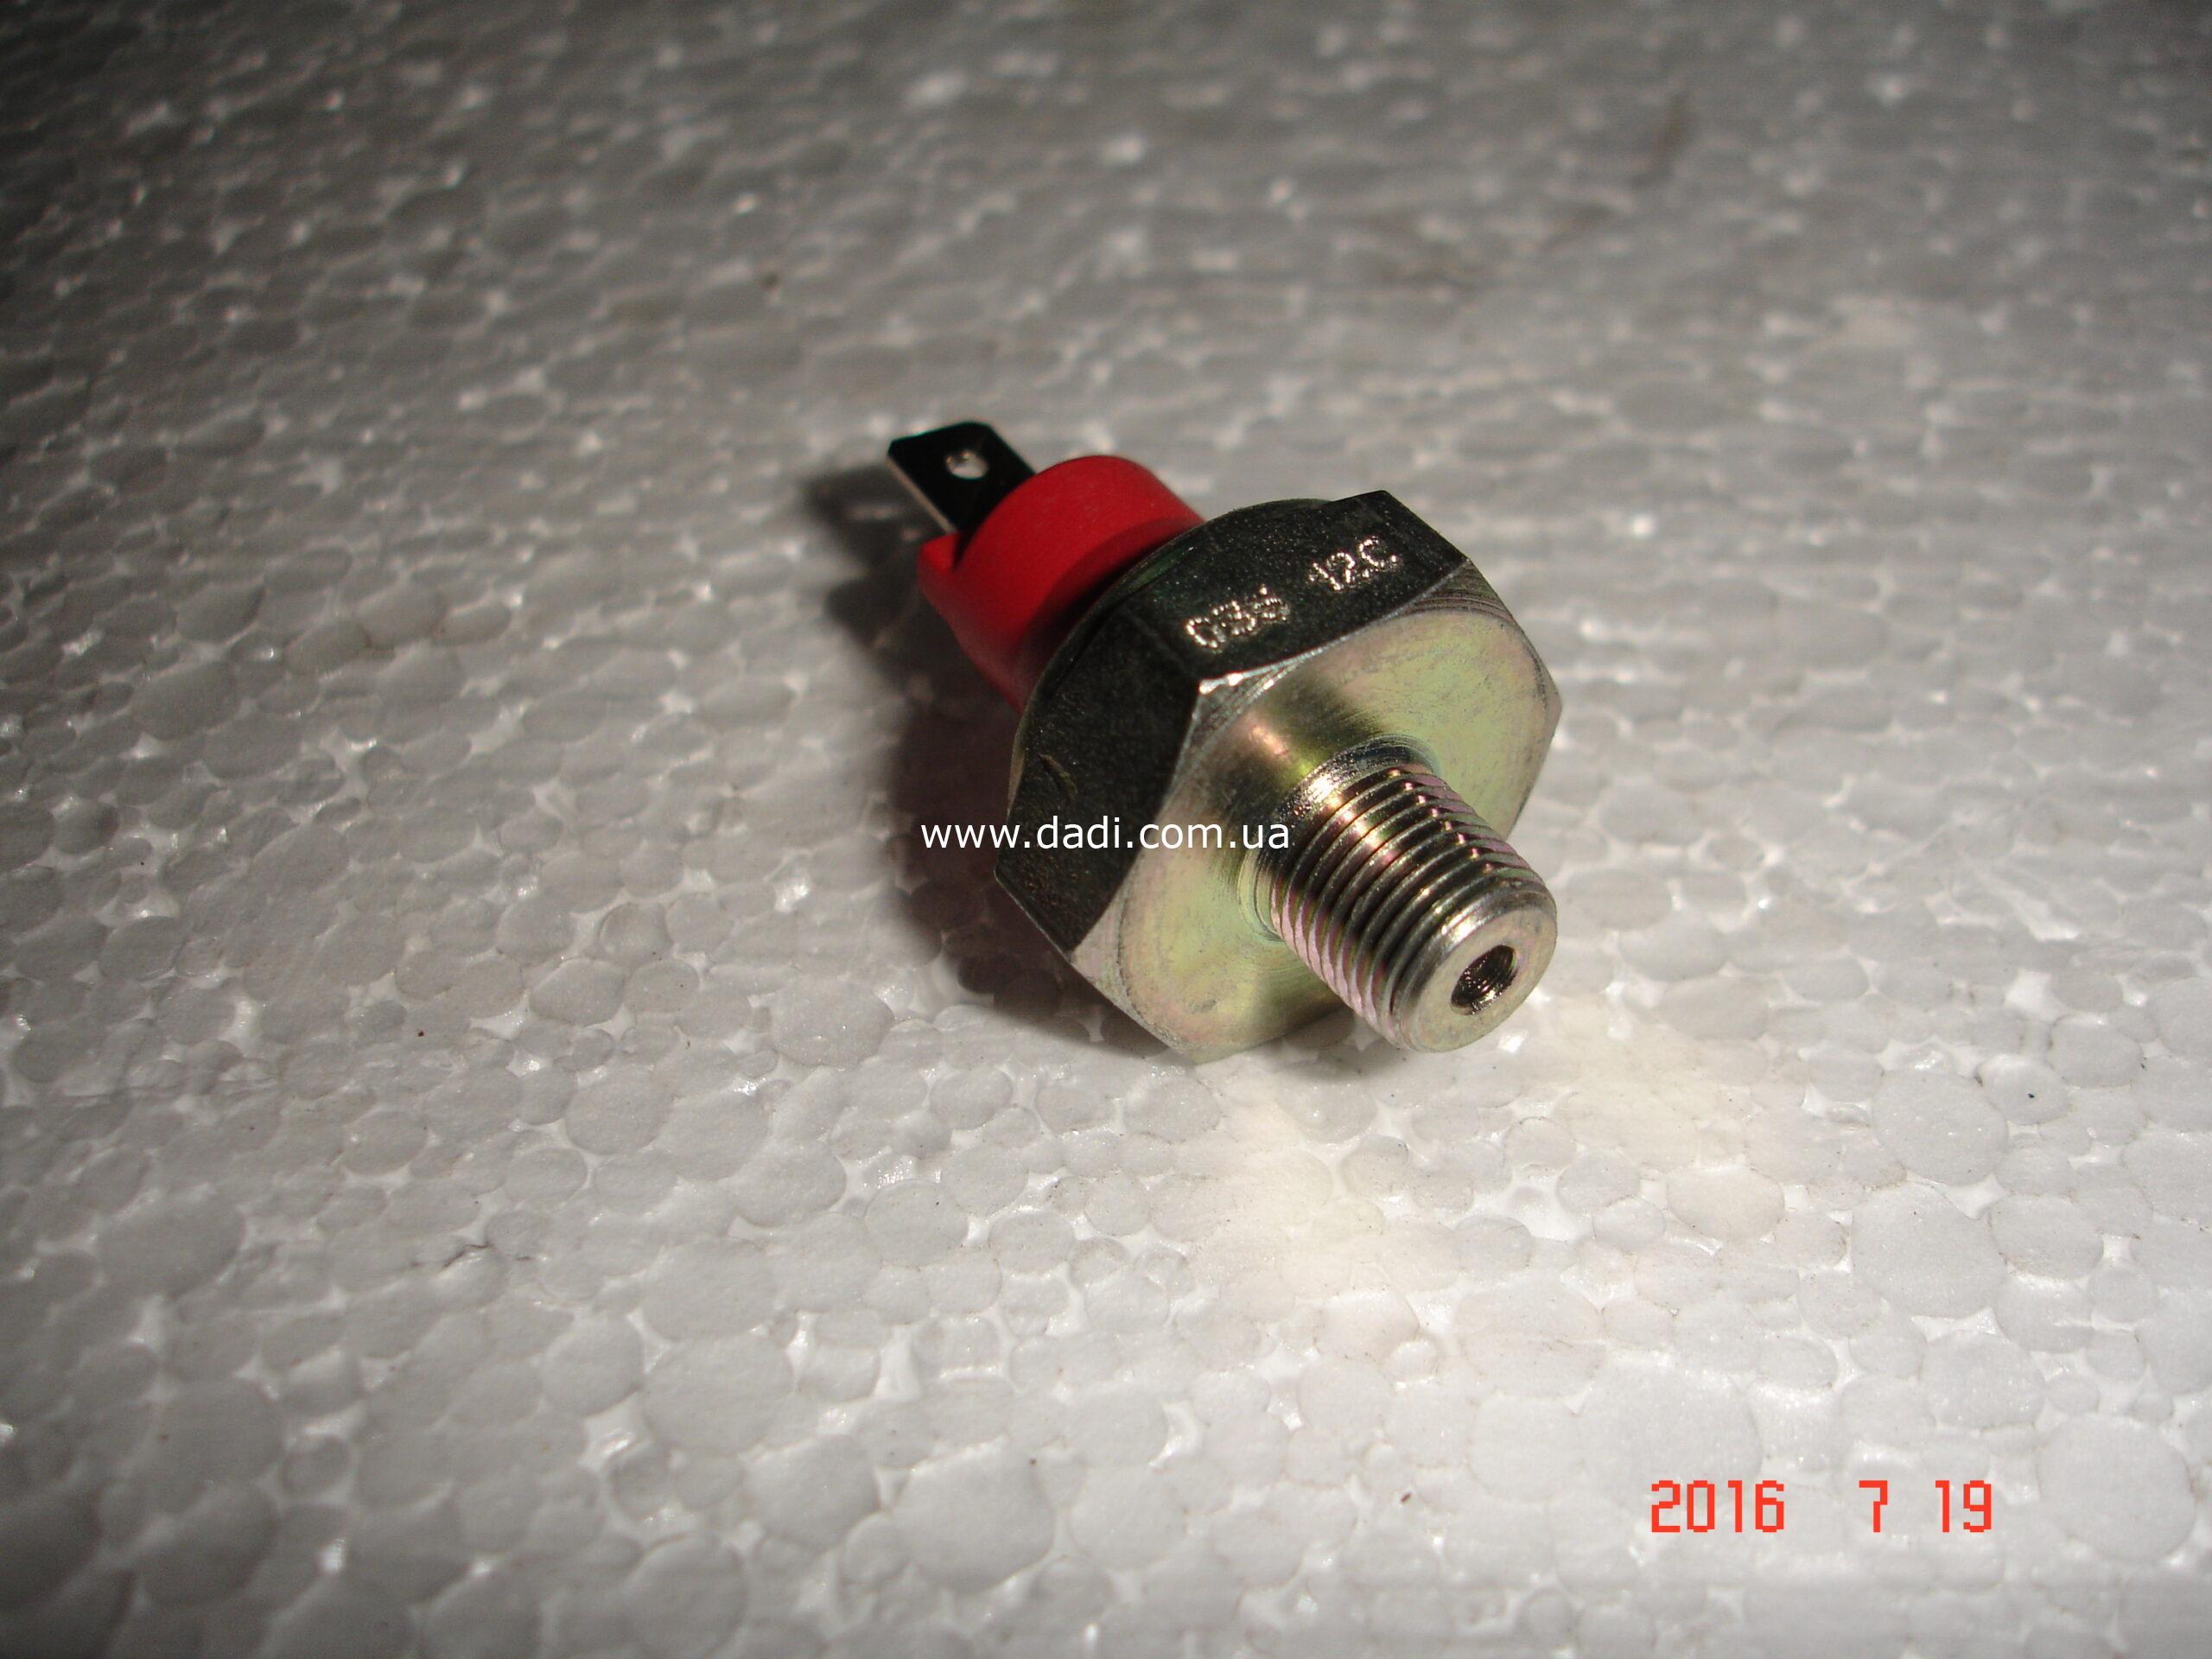 Датчик тиску мастила 2,2i (491Q) / датчик давления масла-667